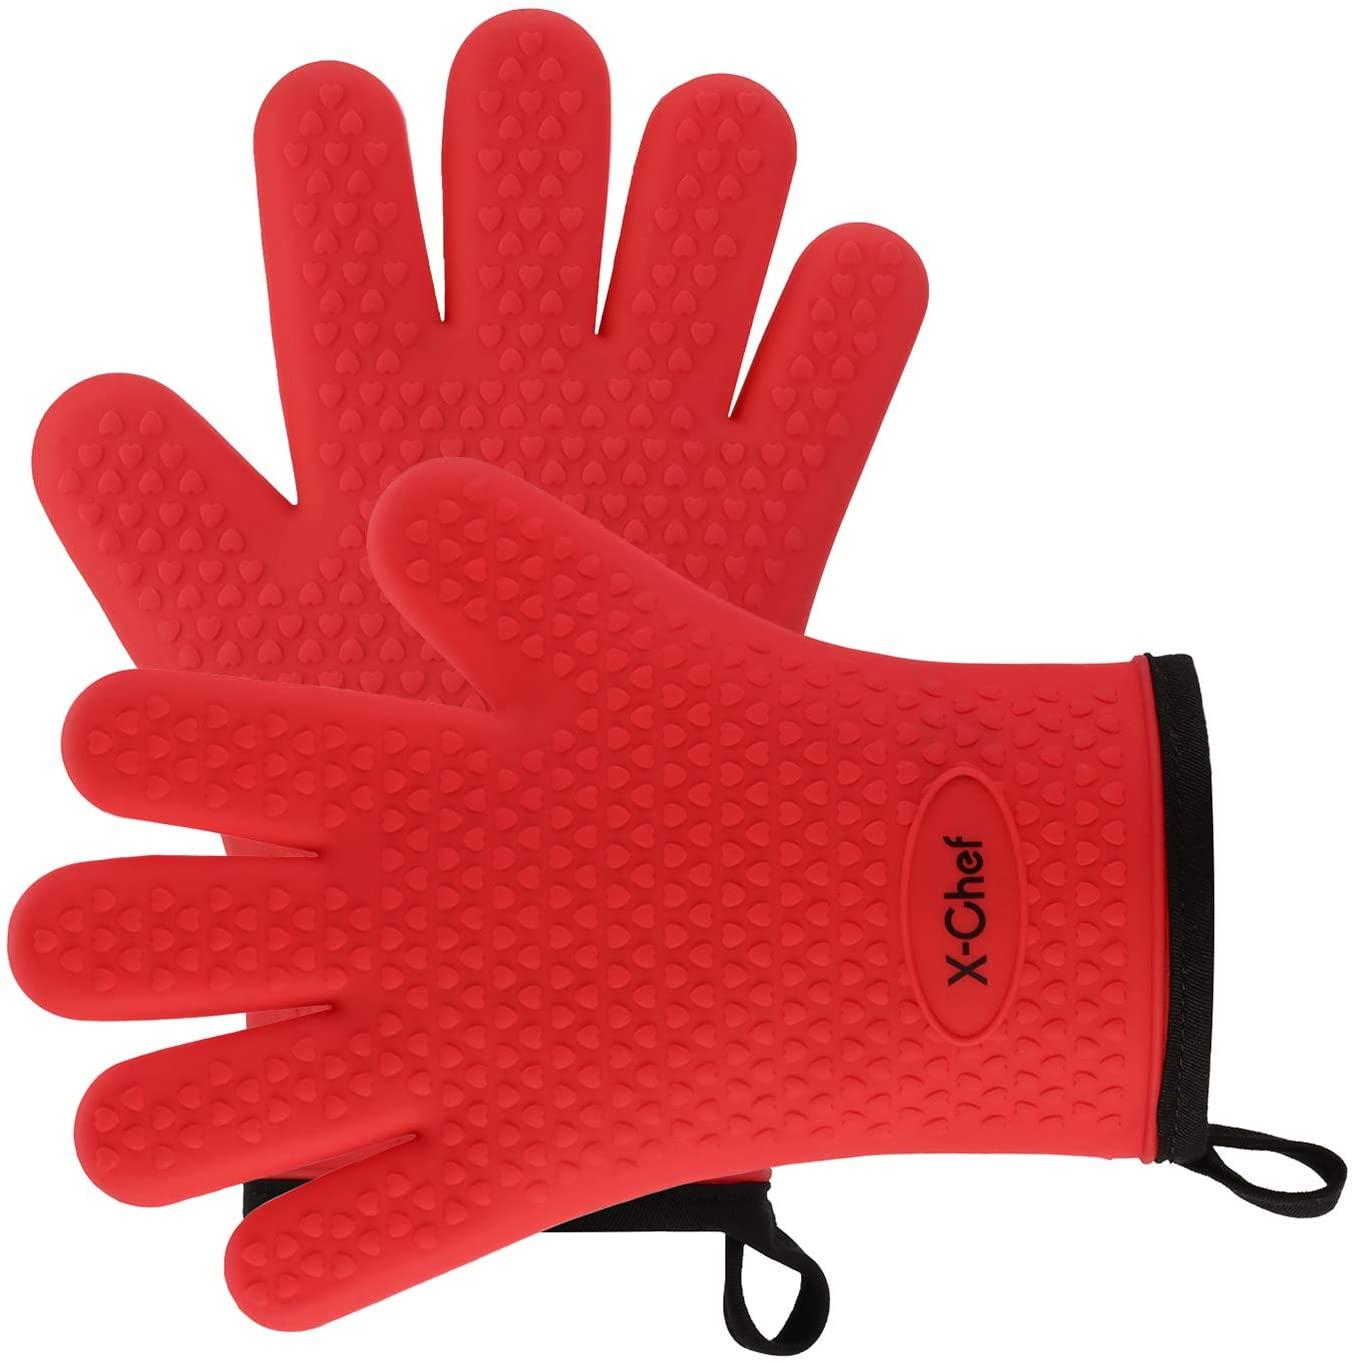 X-Chef Silicone Kitchen Gloves